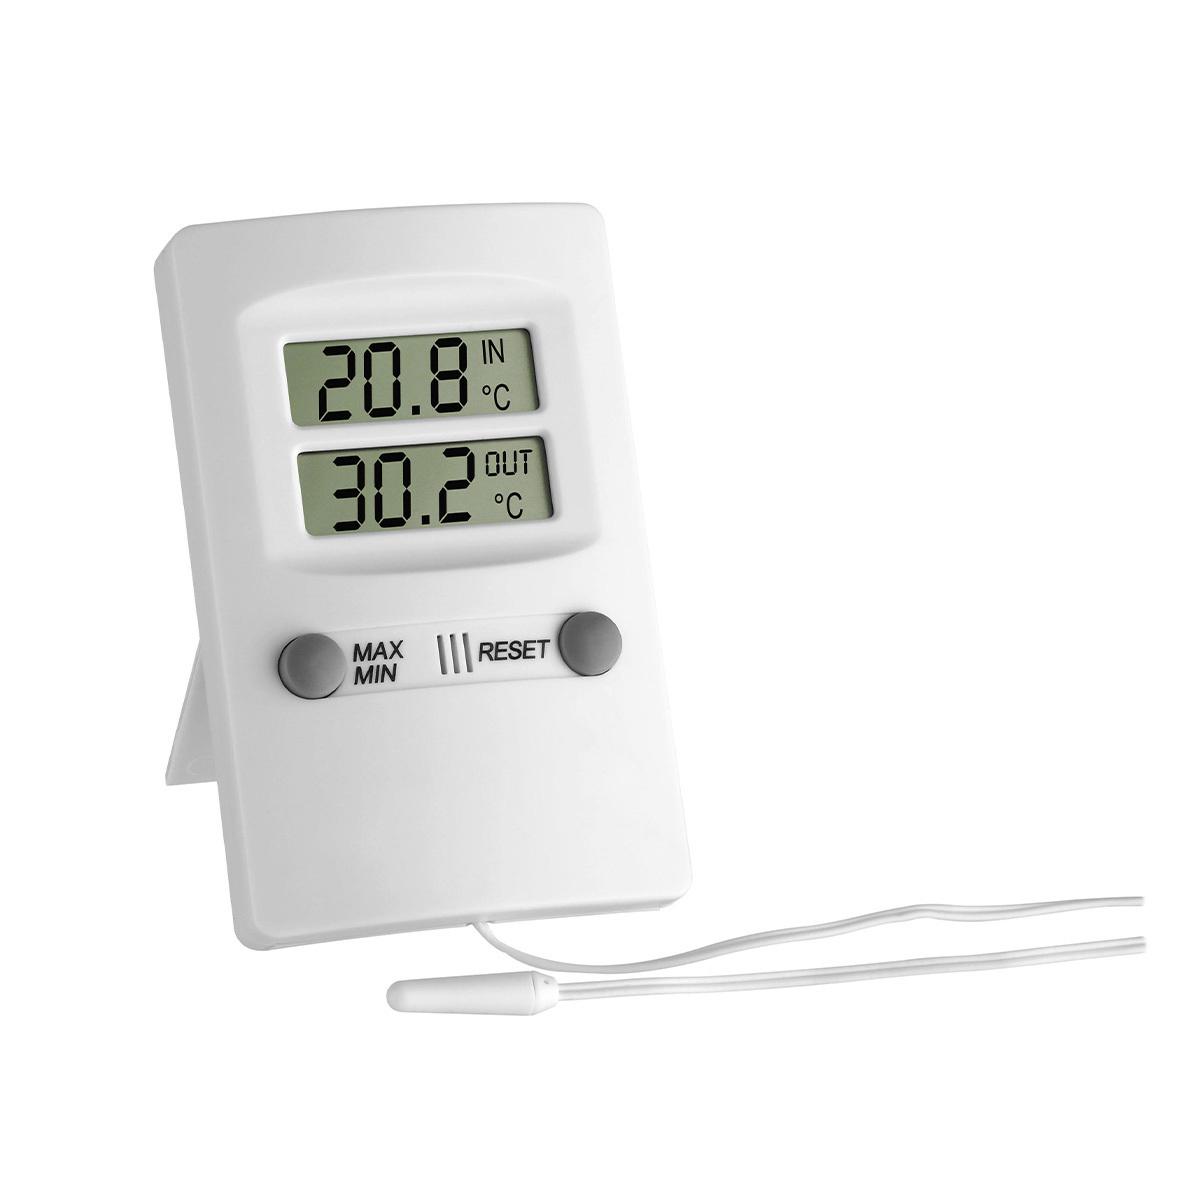 30-1009-digitales-innen-aussen-thermometer-1200x1200px.jpg